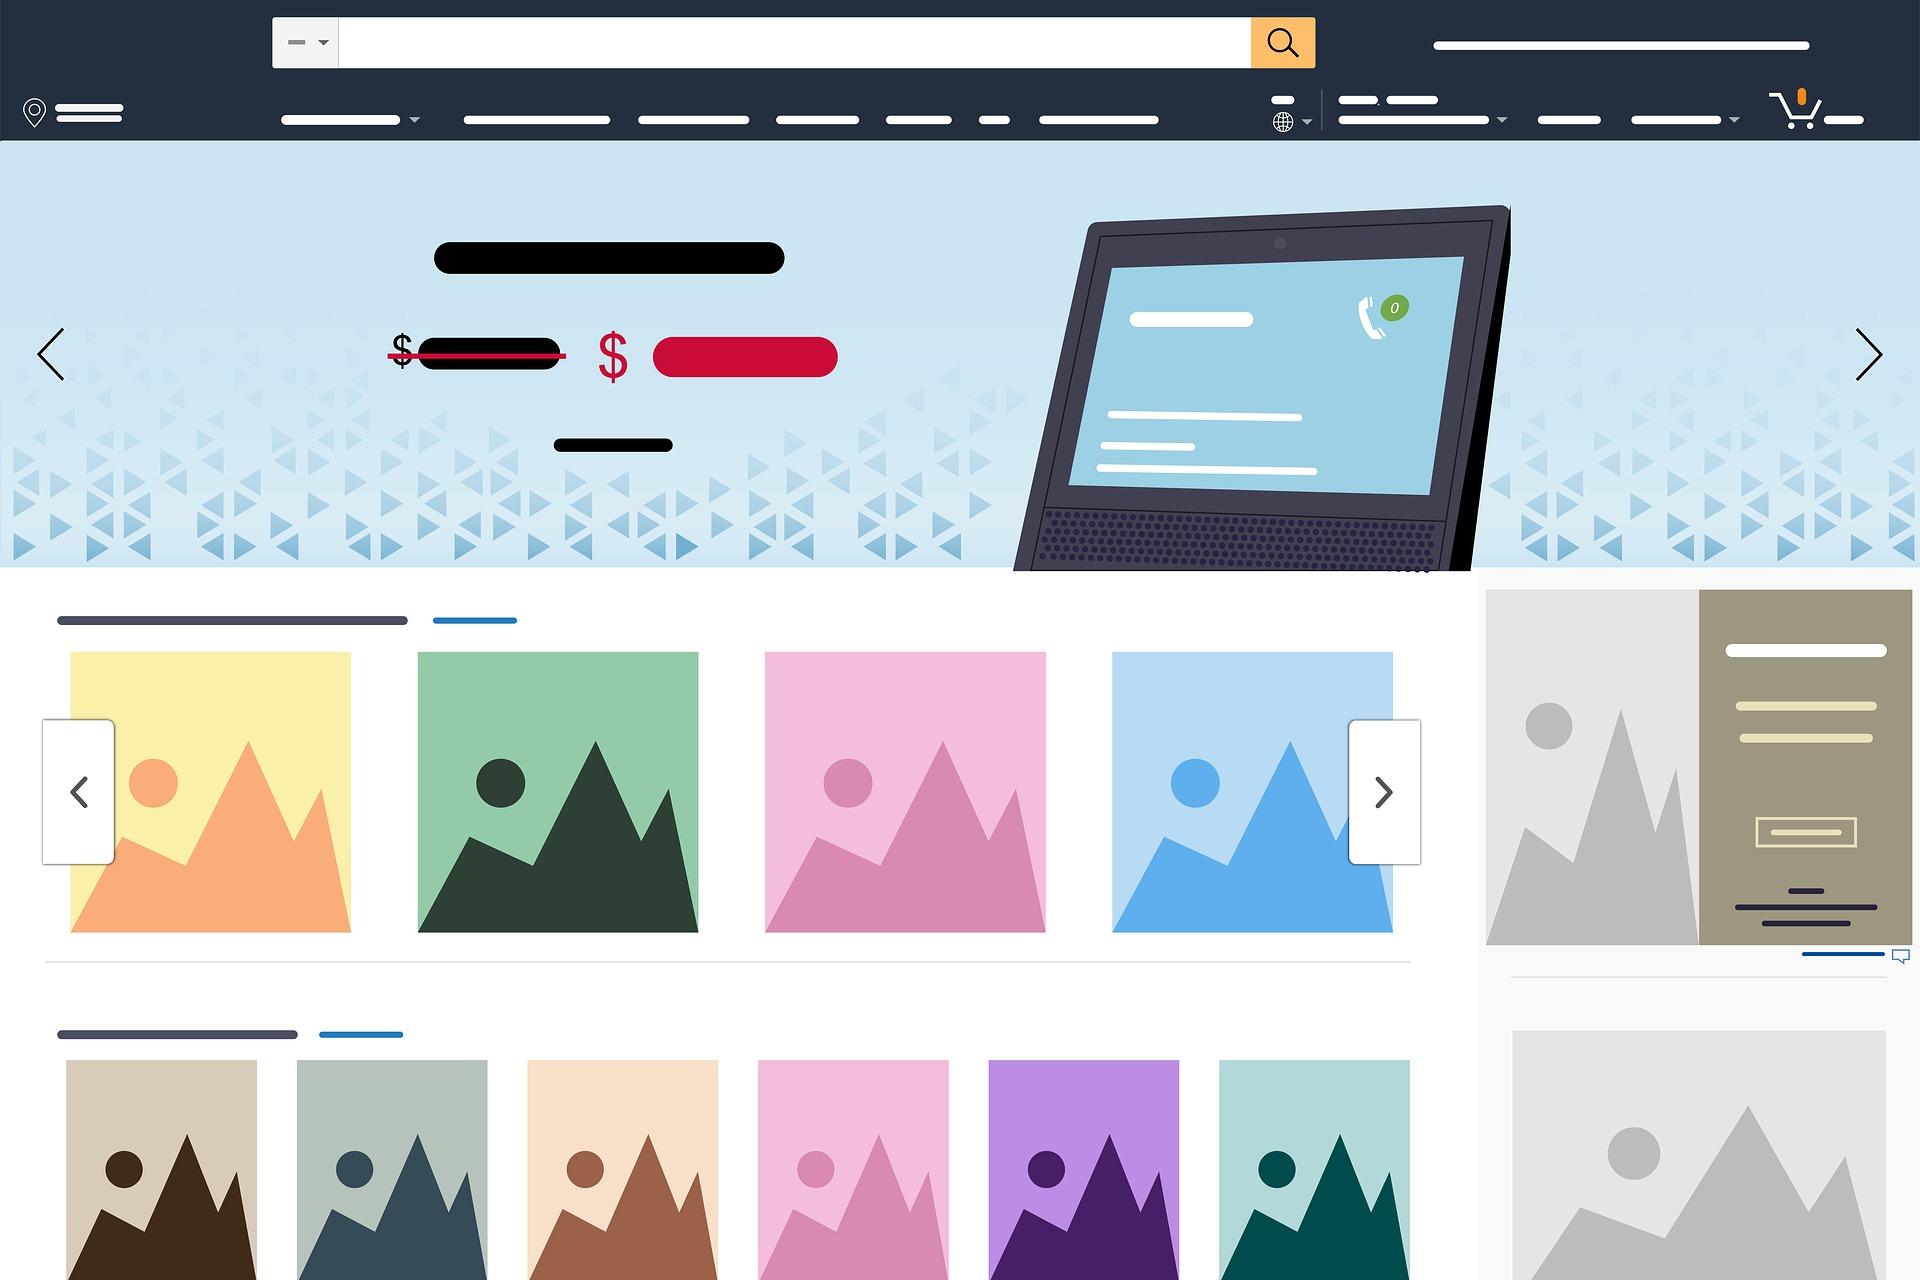 Hoe begin ik een webshop? Tips voor beginners